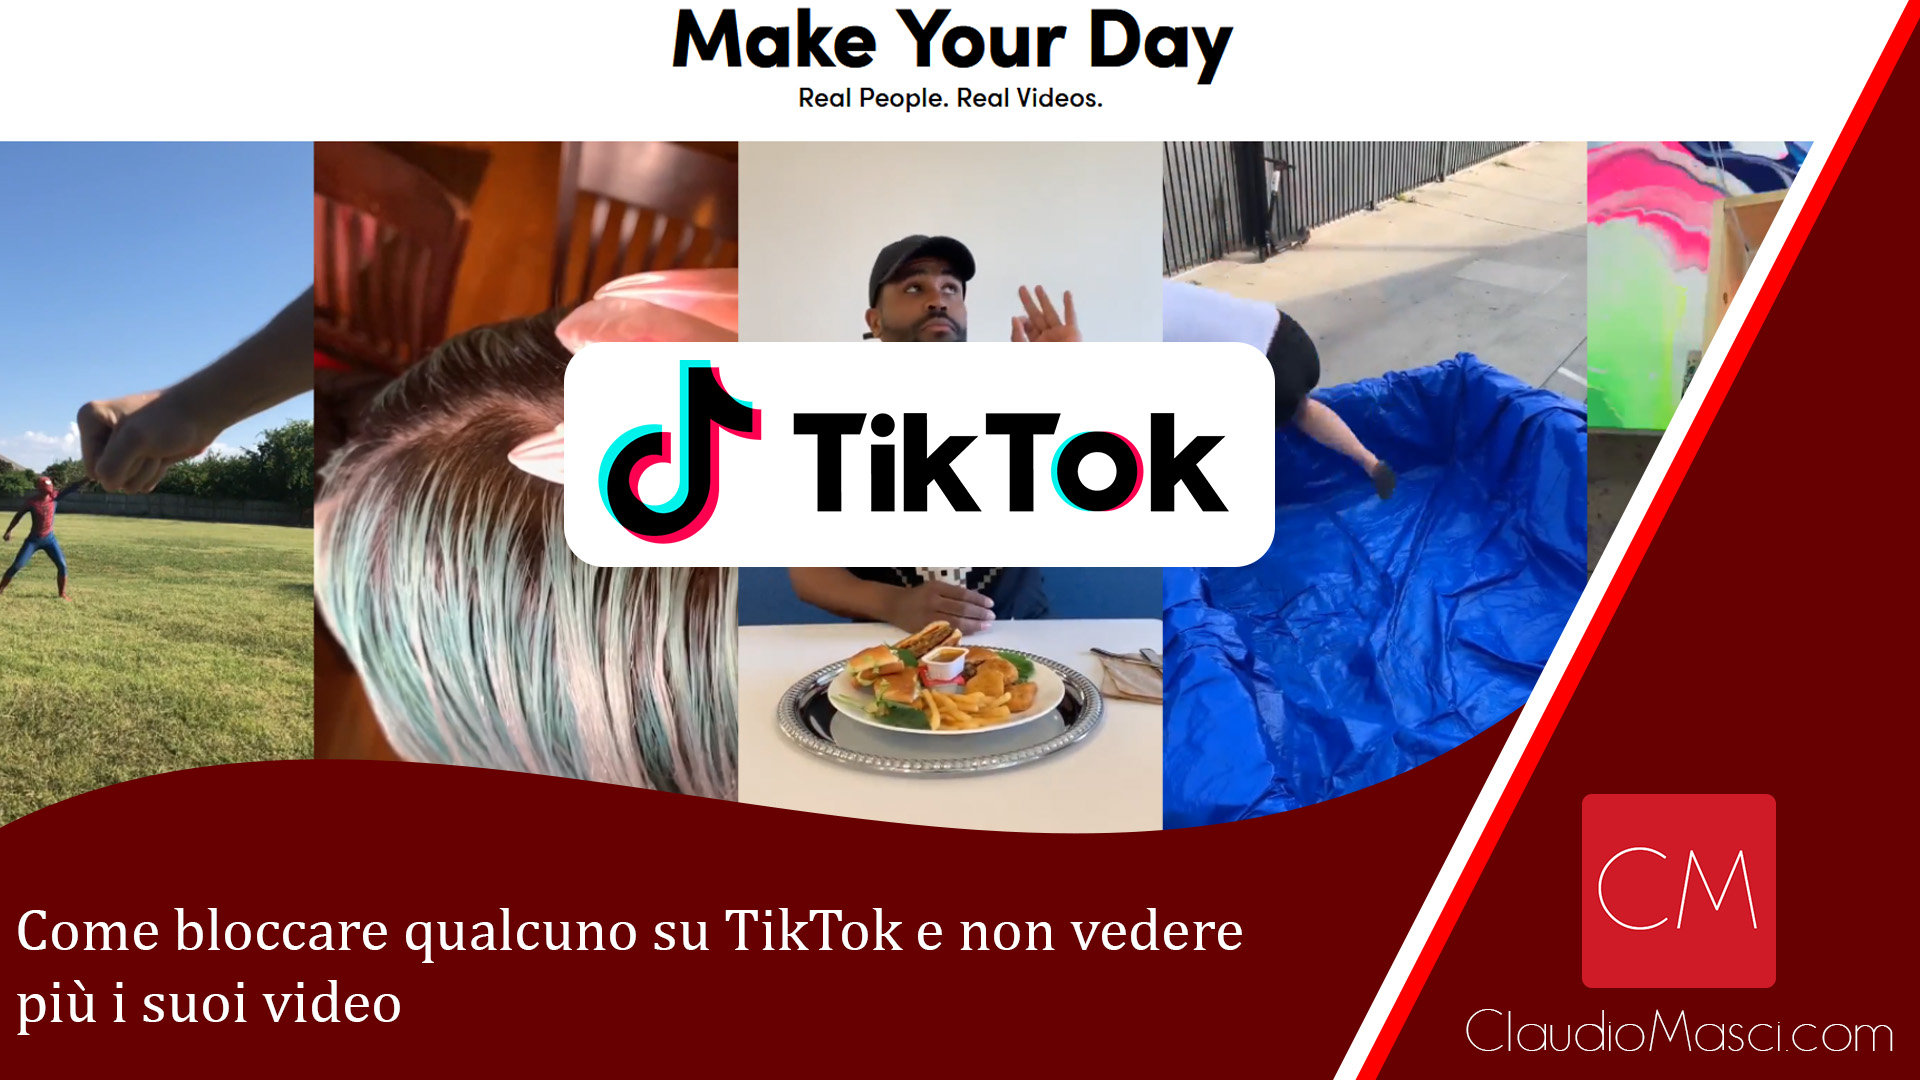 Come bloccare qualcuno su TikTok e non vedere più i suoi video